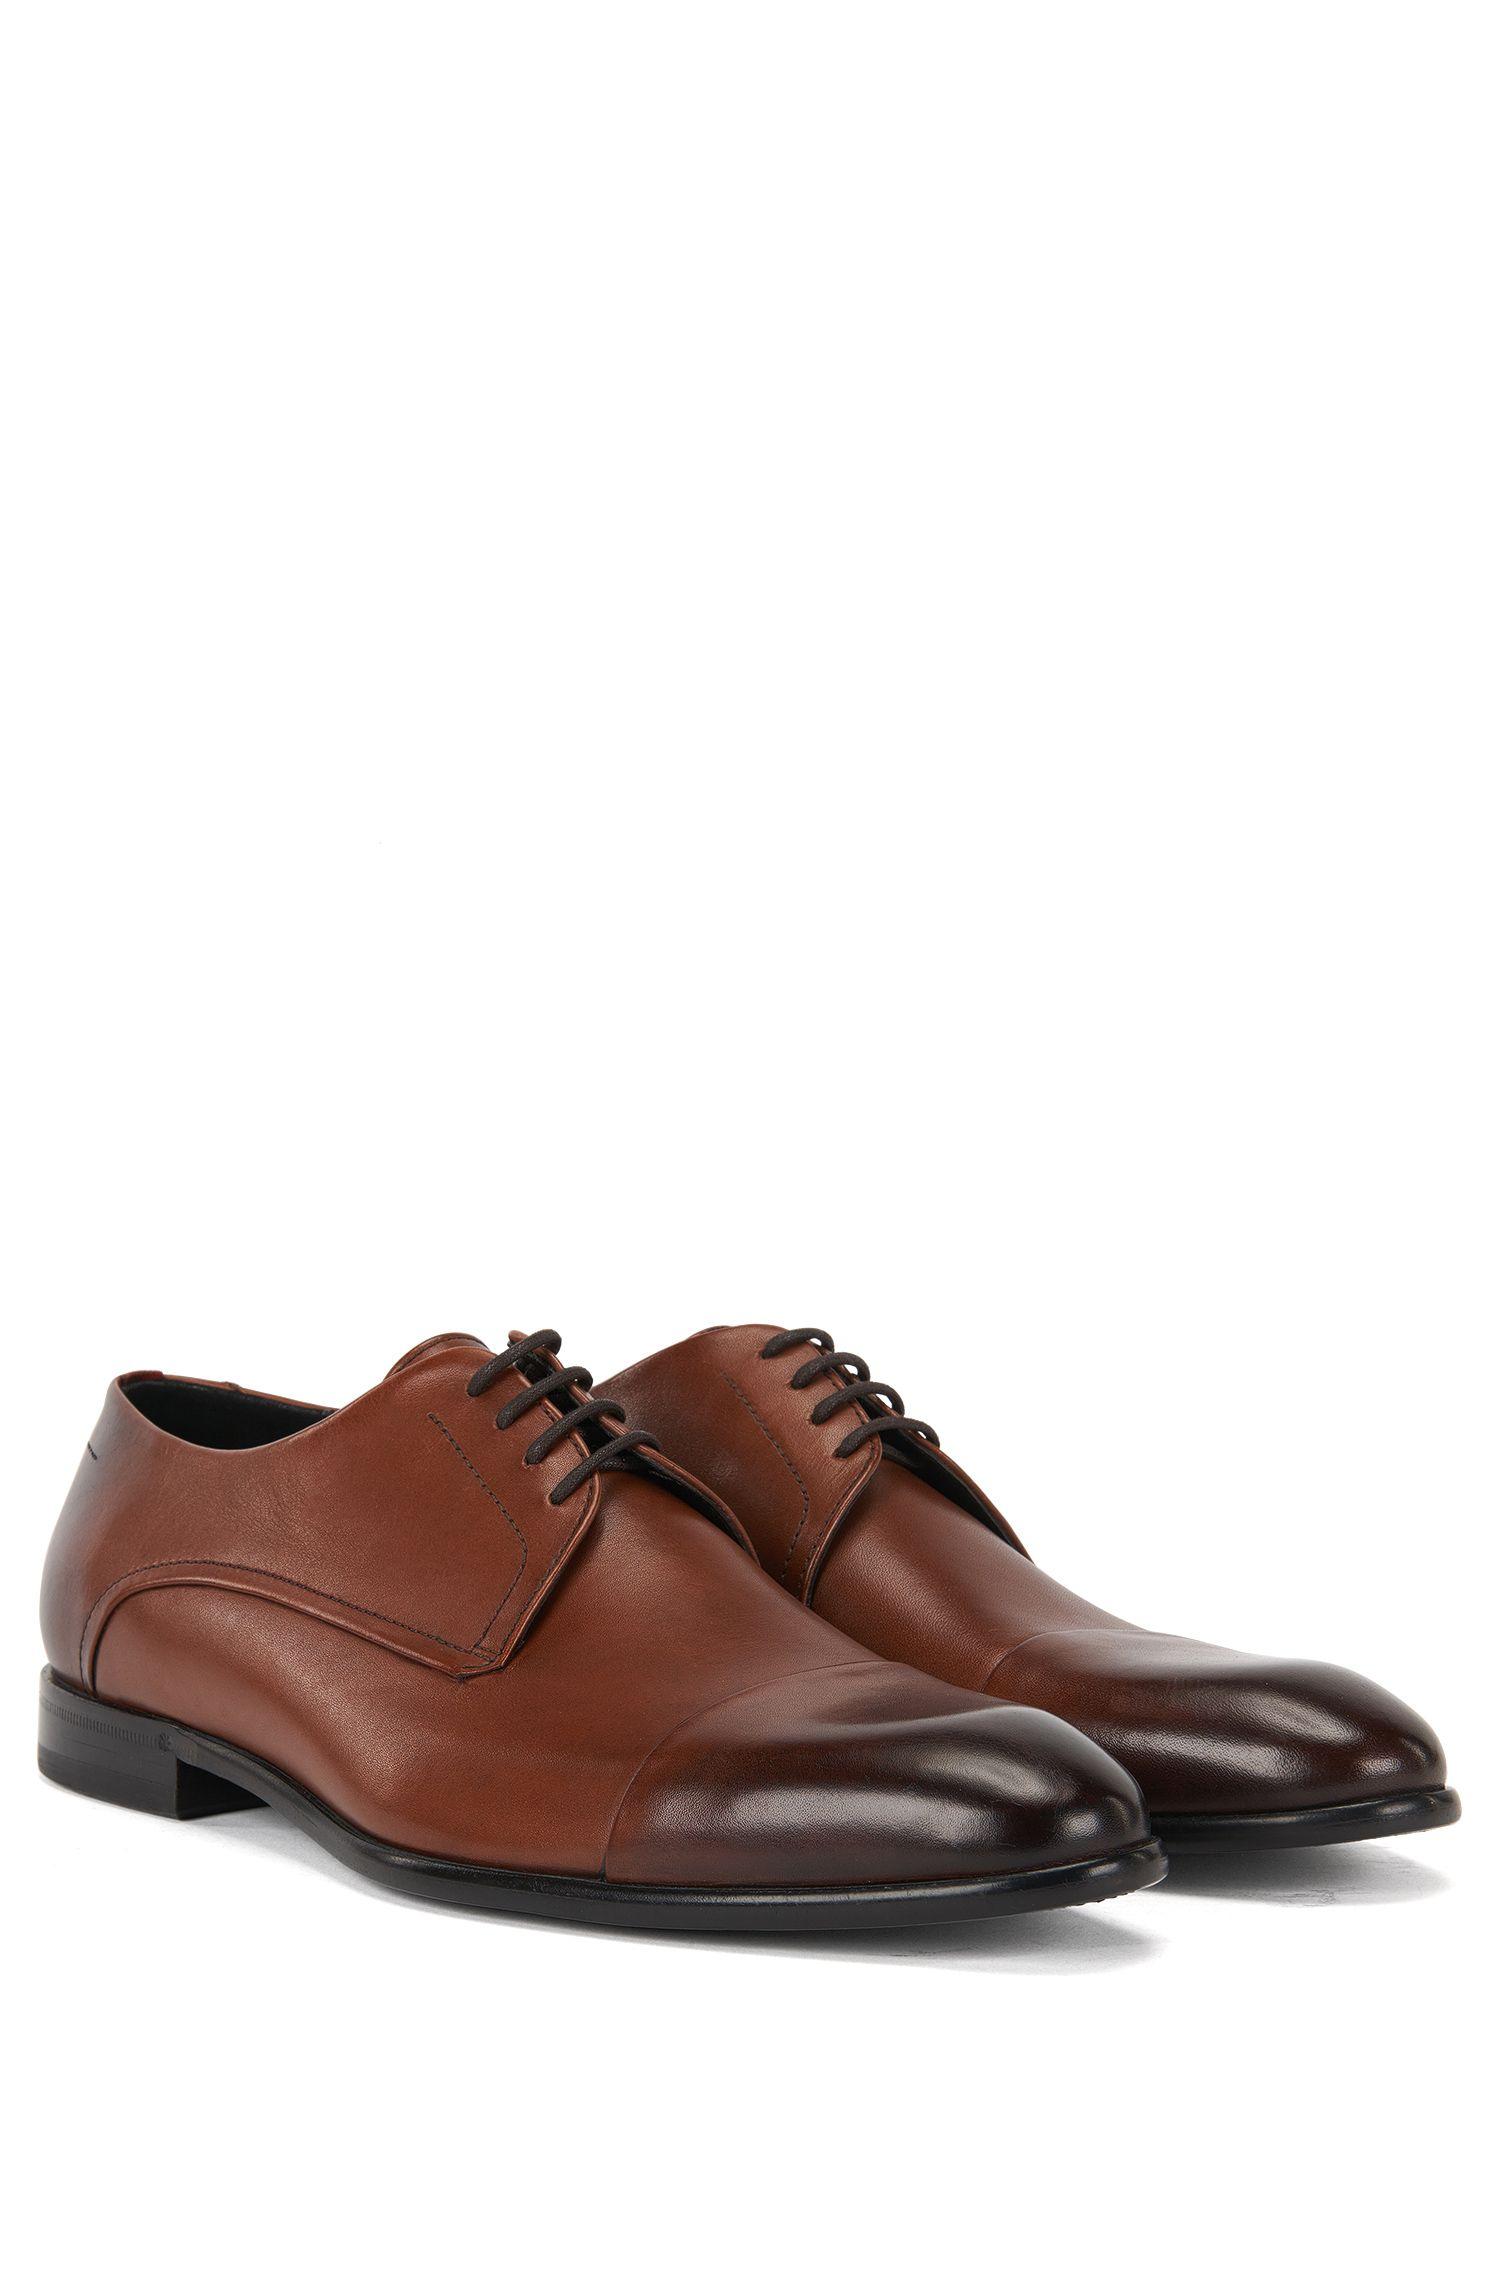 Italian Leather Derby Dress Shoe | Dressapp Derb Buctst